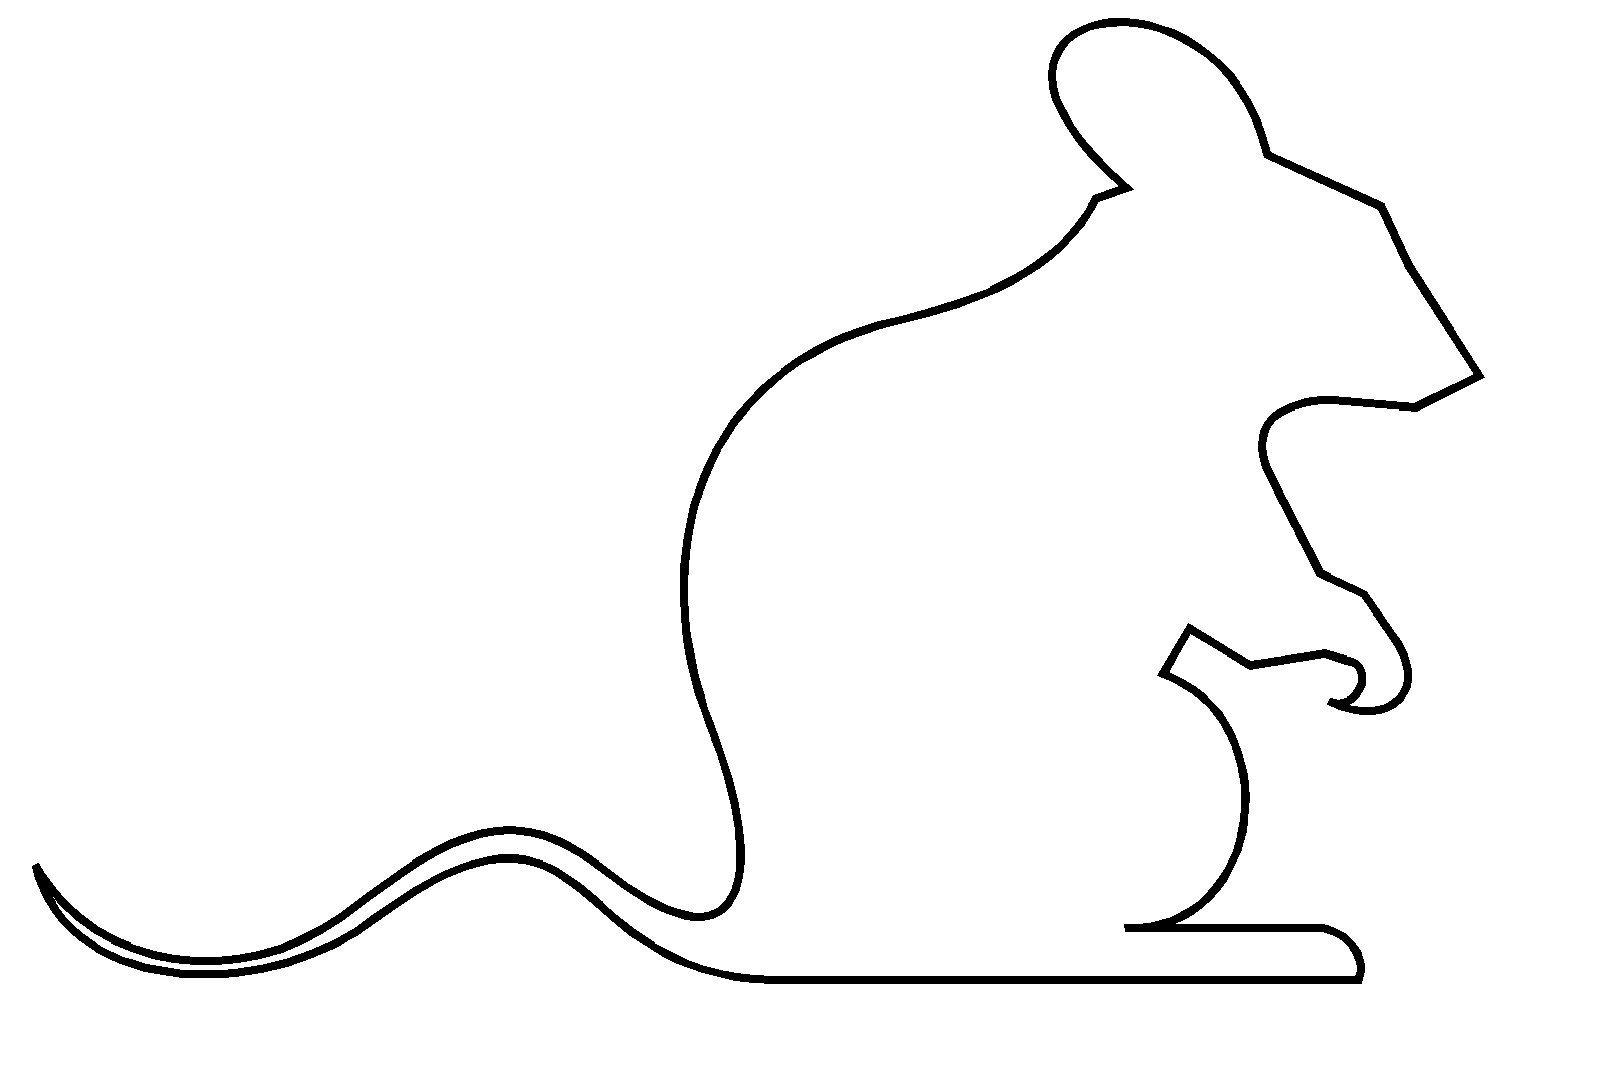 Art Graphique : Tracer Des Silhouettes De Personnages Et D destiné Silhouette D Animaux À Imprimer